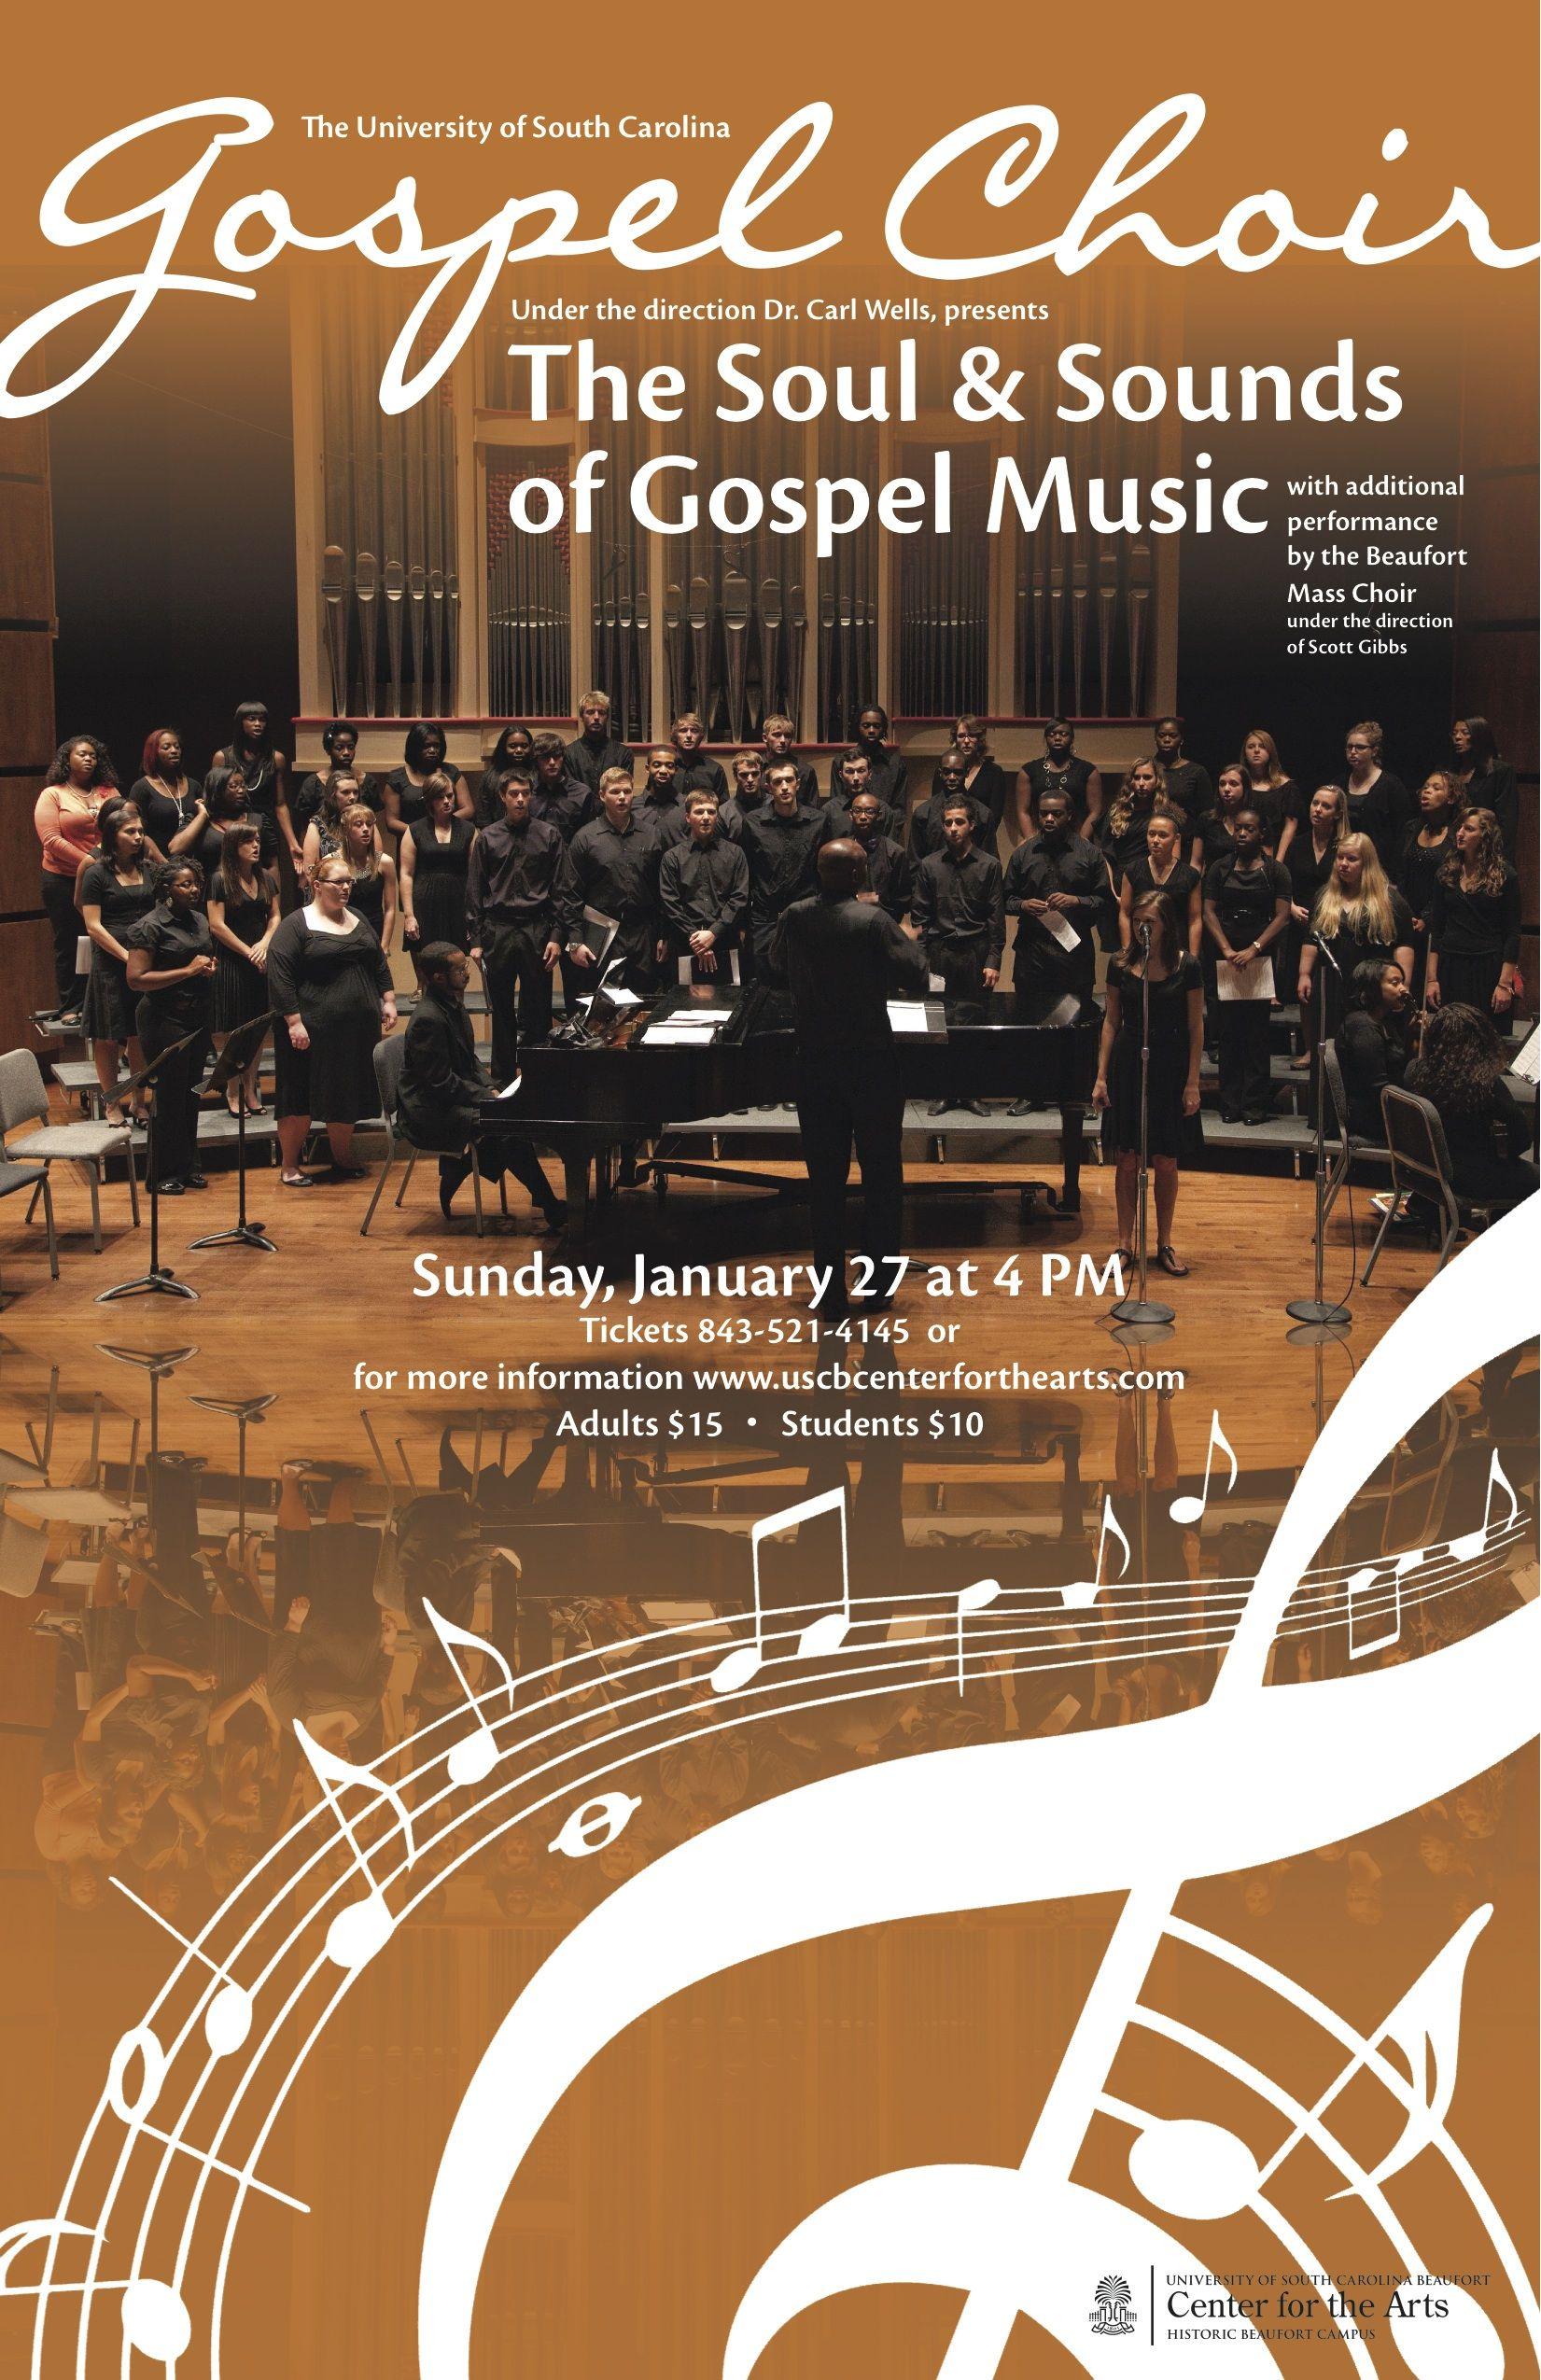 gospel concert flyer template free download, church concert flyer template, choir concert flyer template, music concert flyer template free, free concert flyer templates word